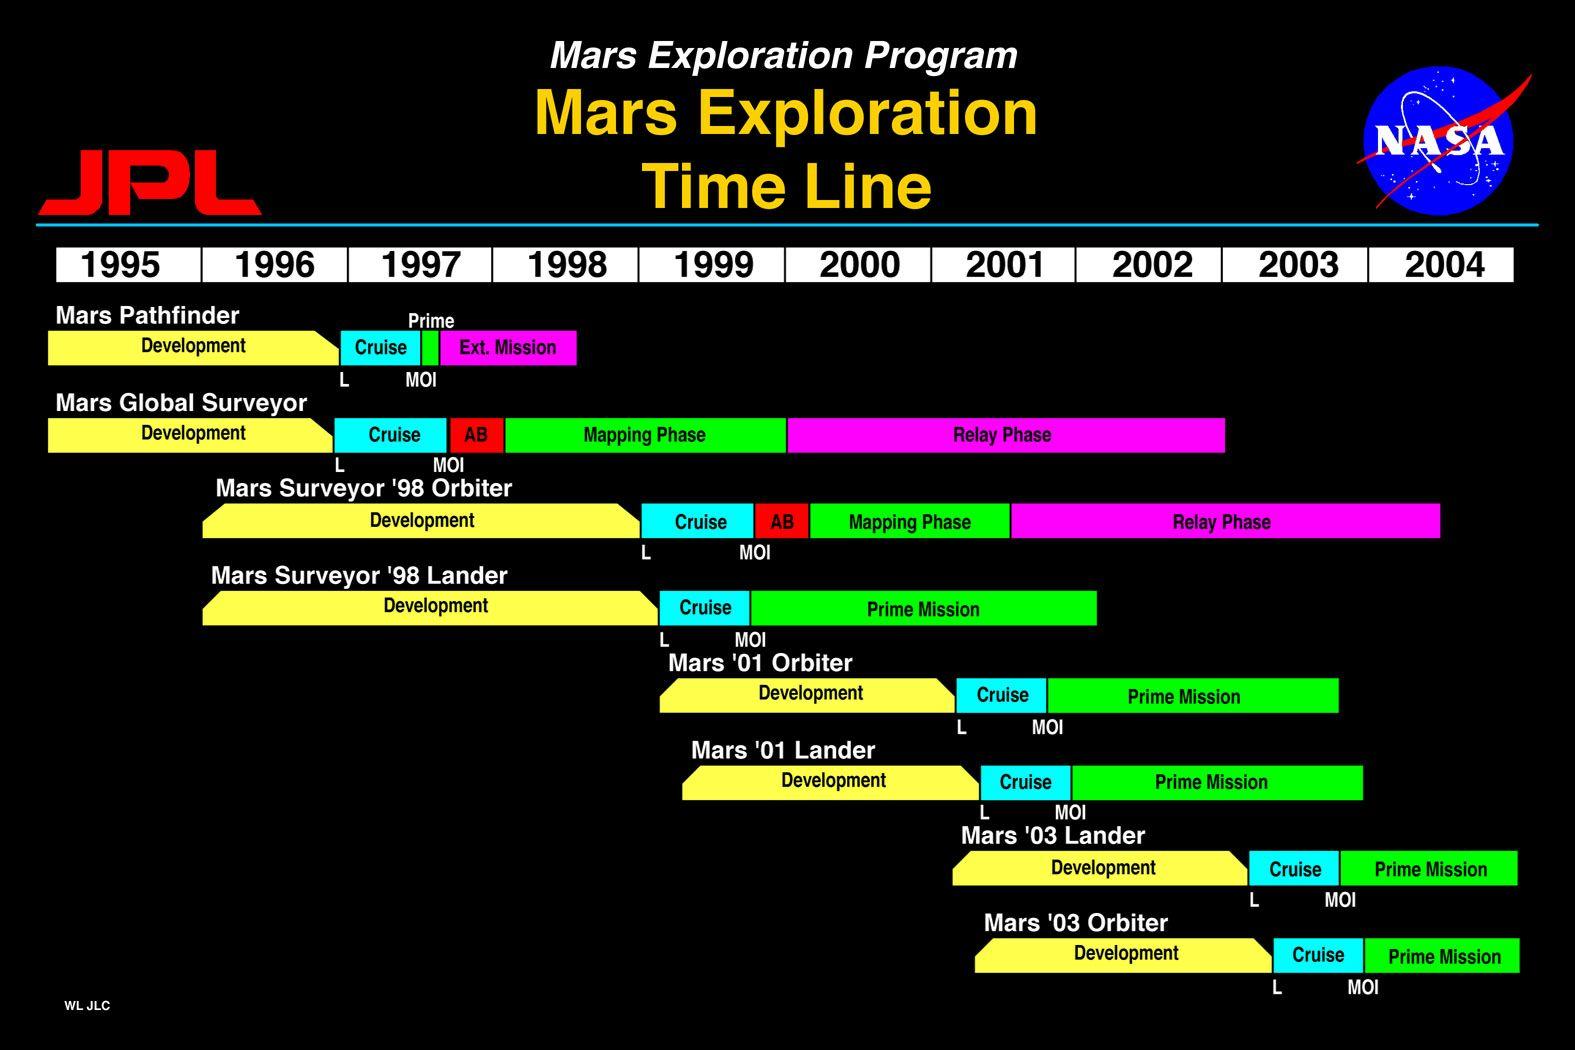 Mars Exploration Timeline